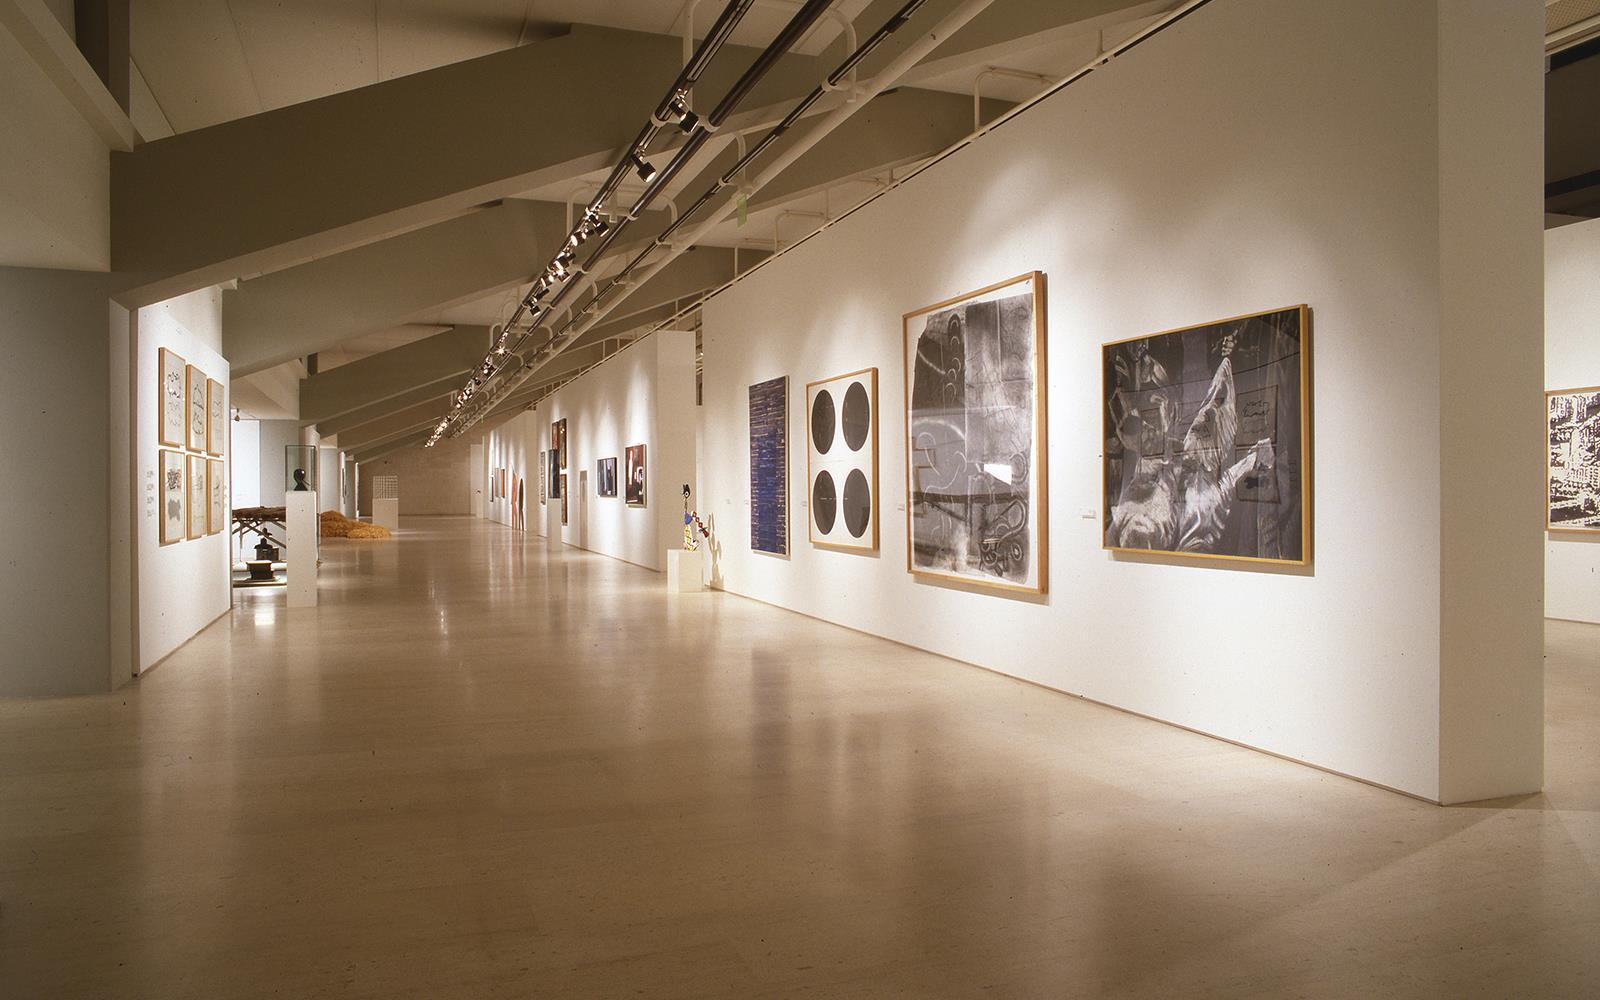 Mostra da Colecção CAMJAP, 2001 – 2006